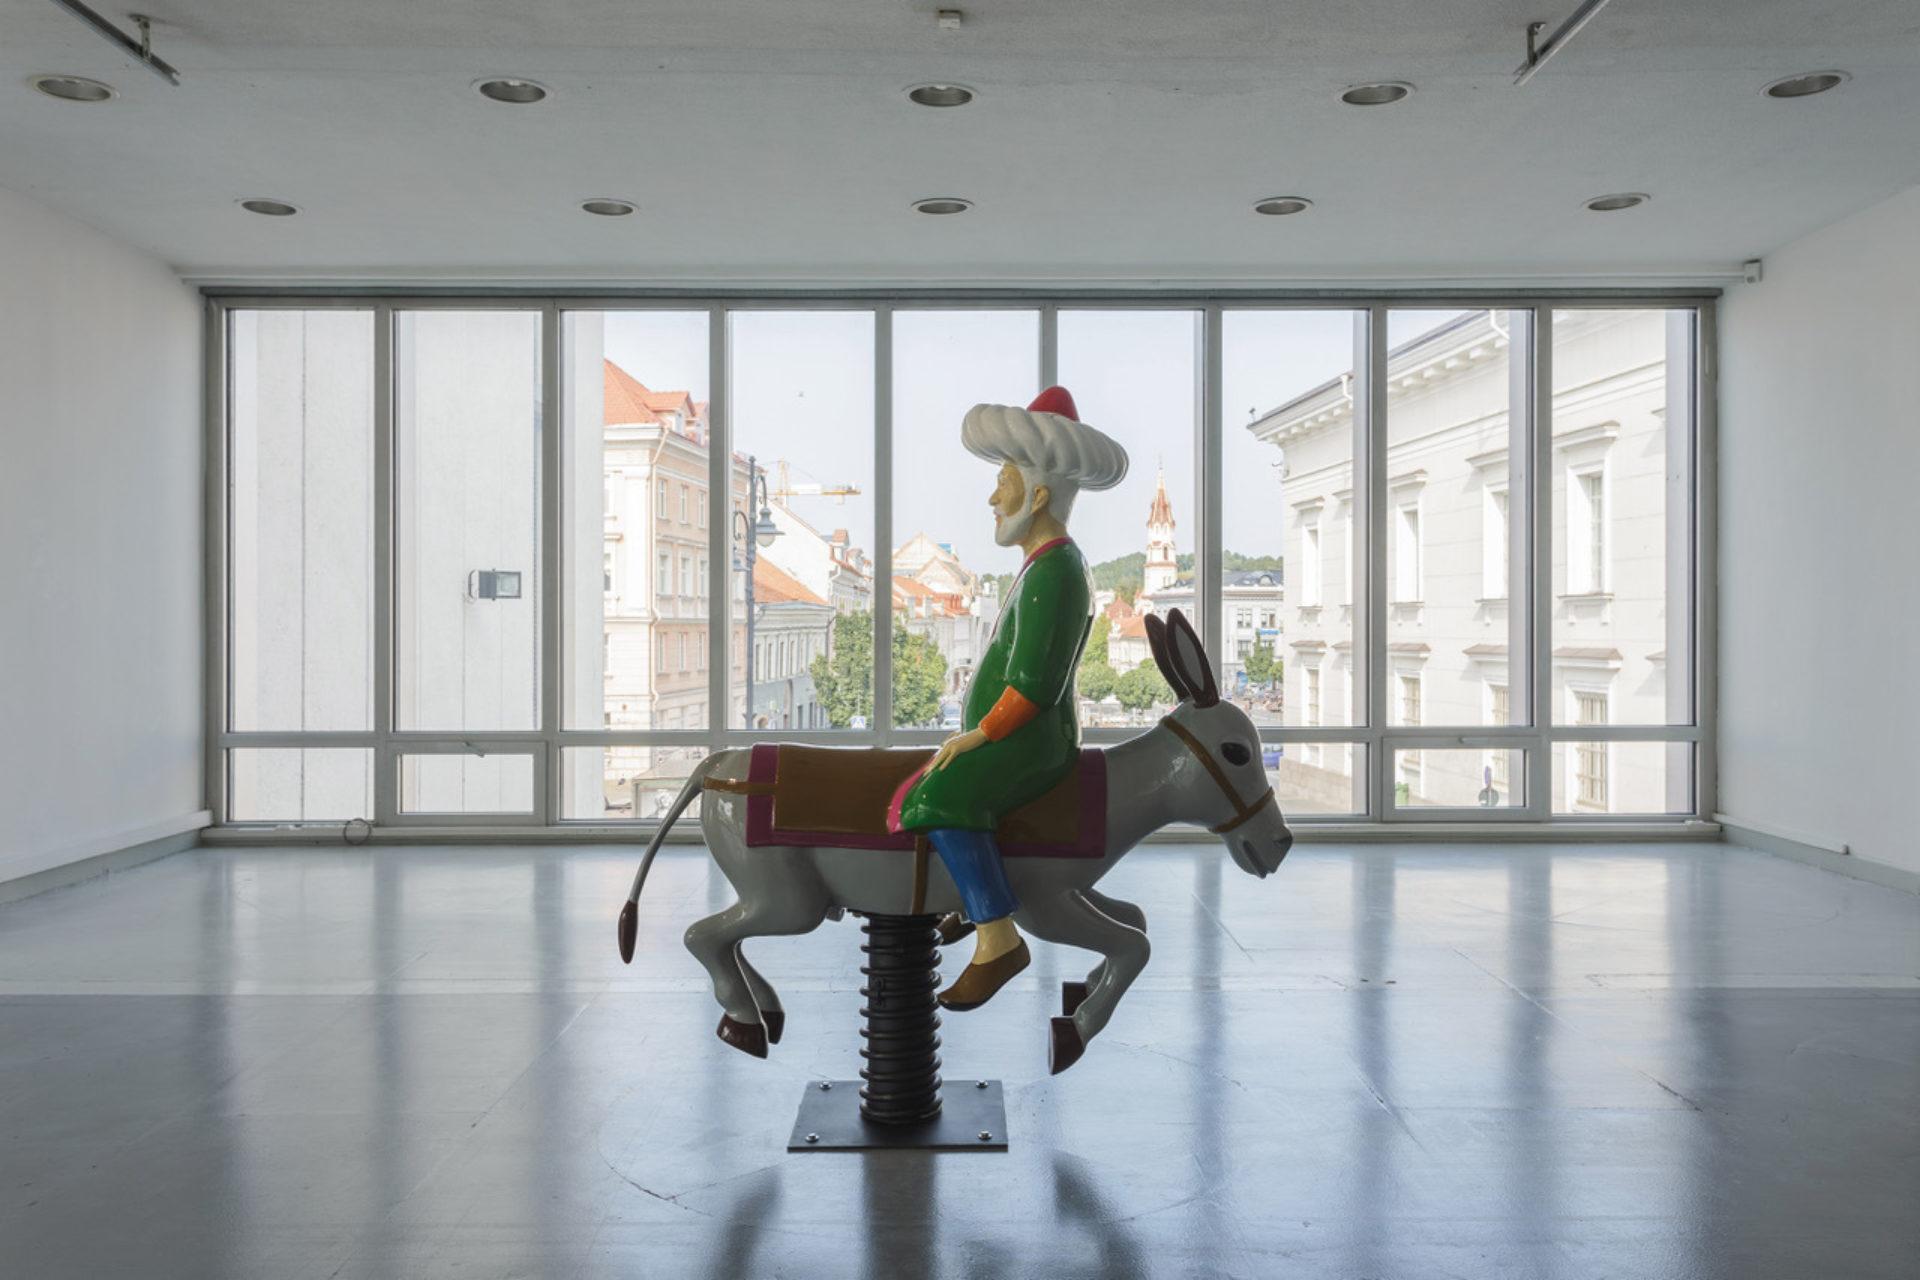 Slavs & Tatars, Molla Nasreddin the Antimodern, 2012, CAC Vilnius, 2017